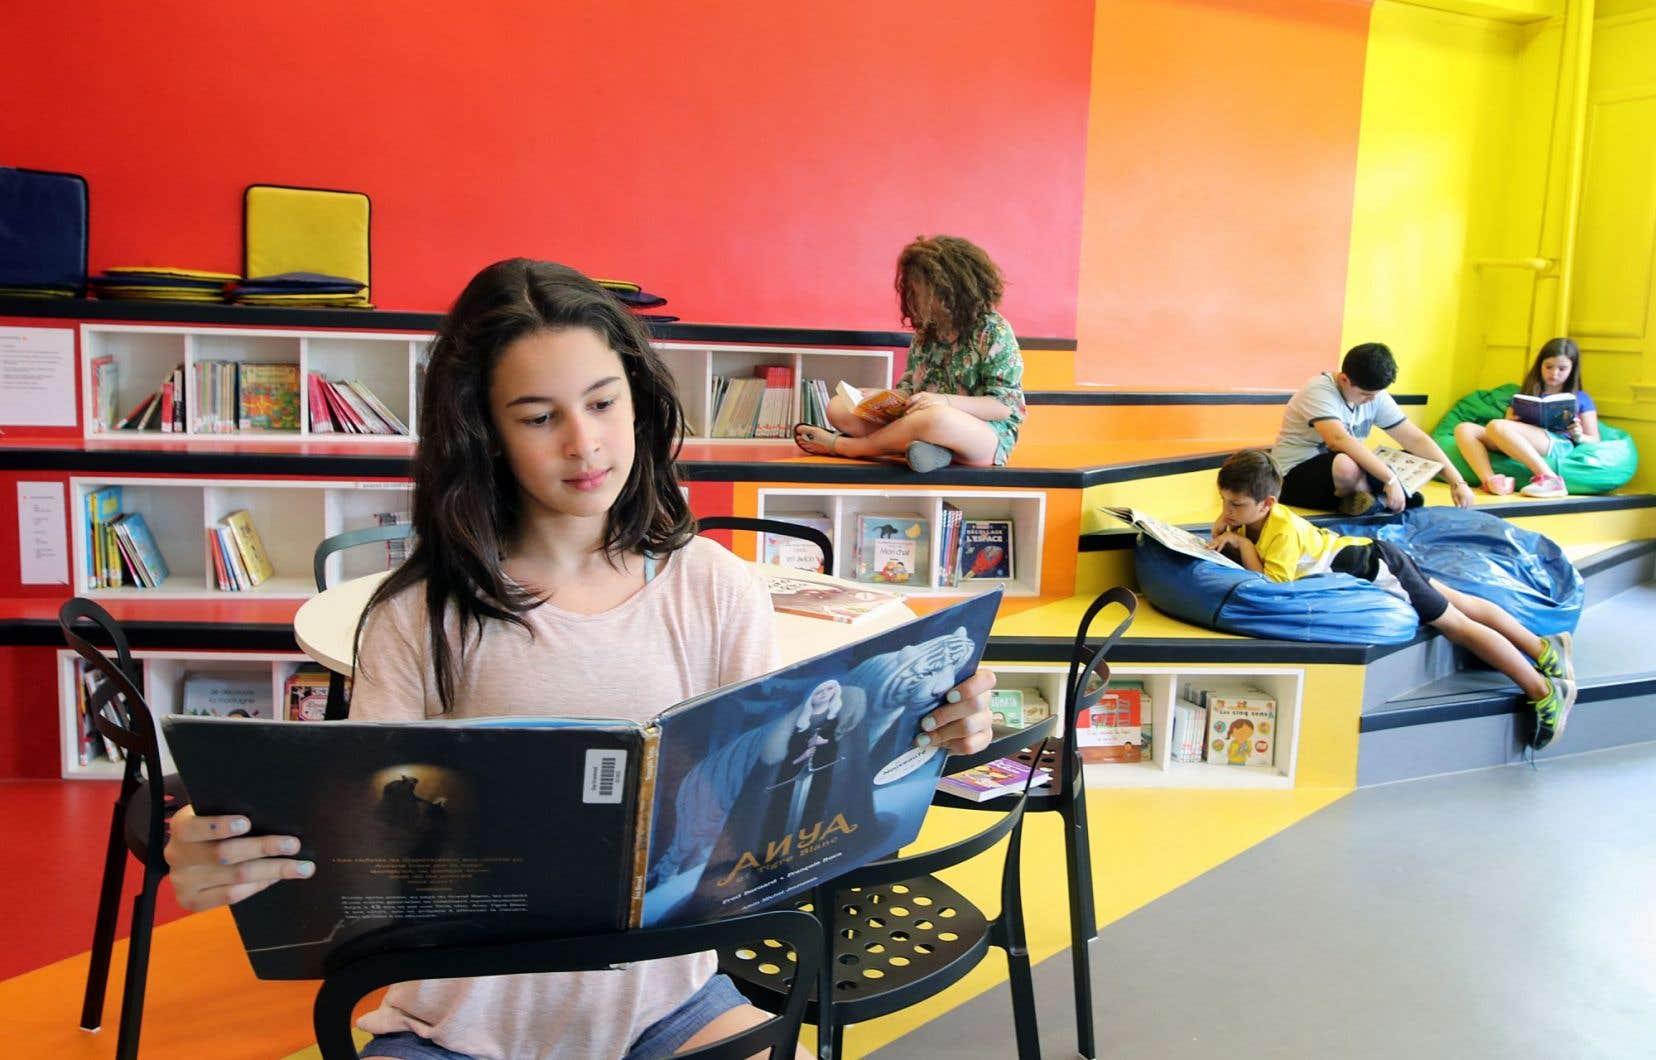 La bibliothèque «revue et améliorée» de l'école Guy-Drummond est née de la volonté de parents, de l'équipe de l'école et de la directrice, Sandra Stocco, grâce aux 50 000$ amassés par la fondation de l'école.